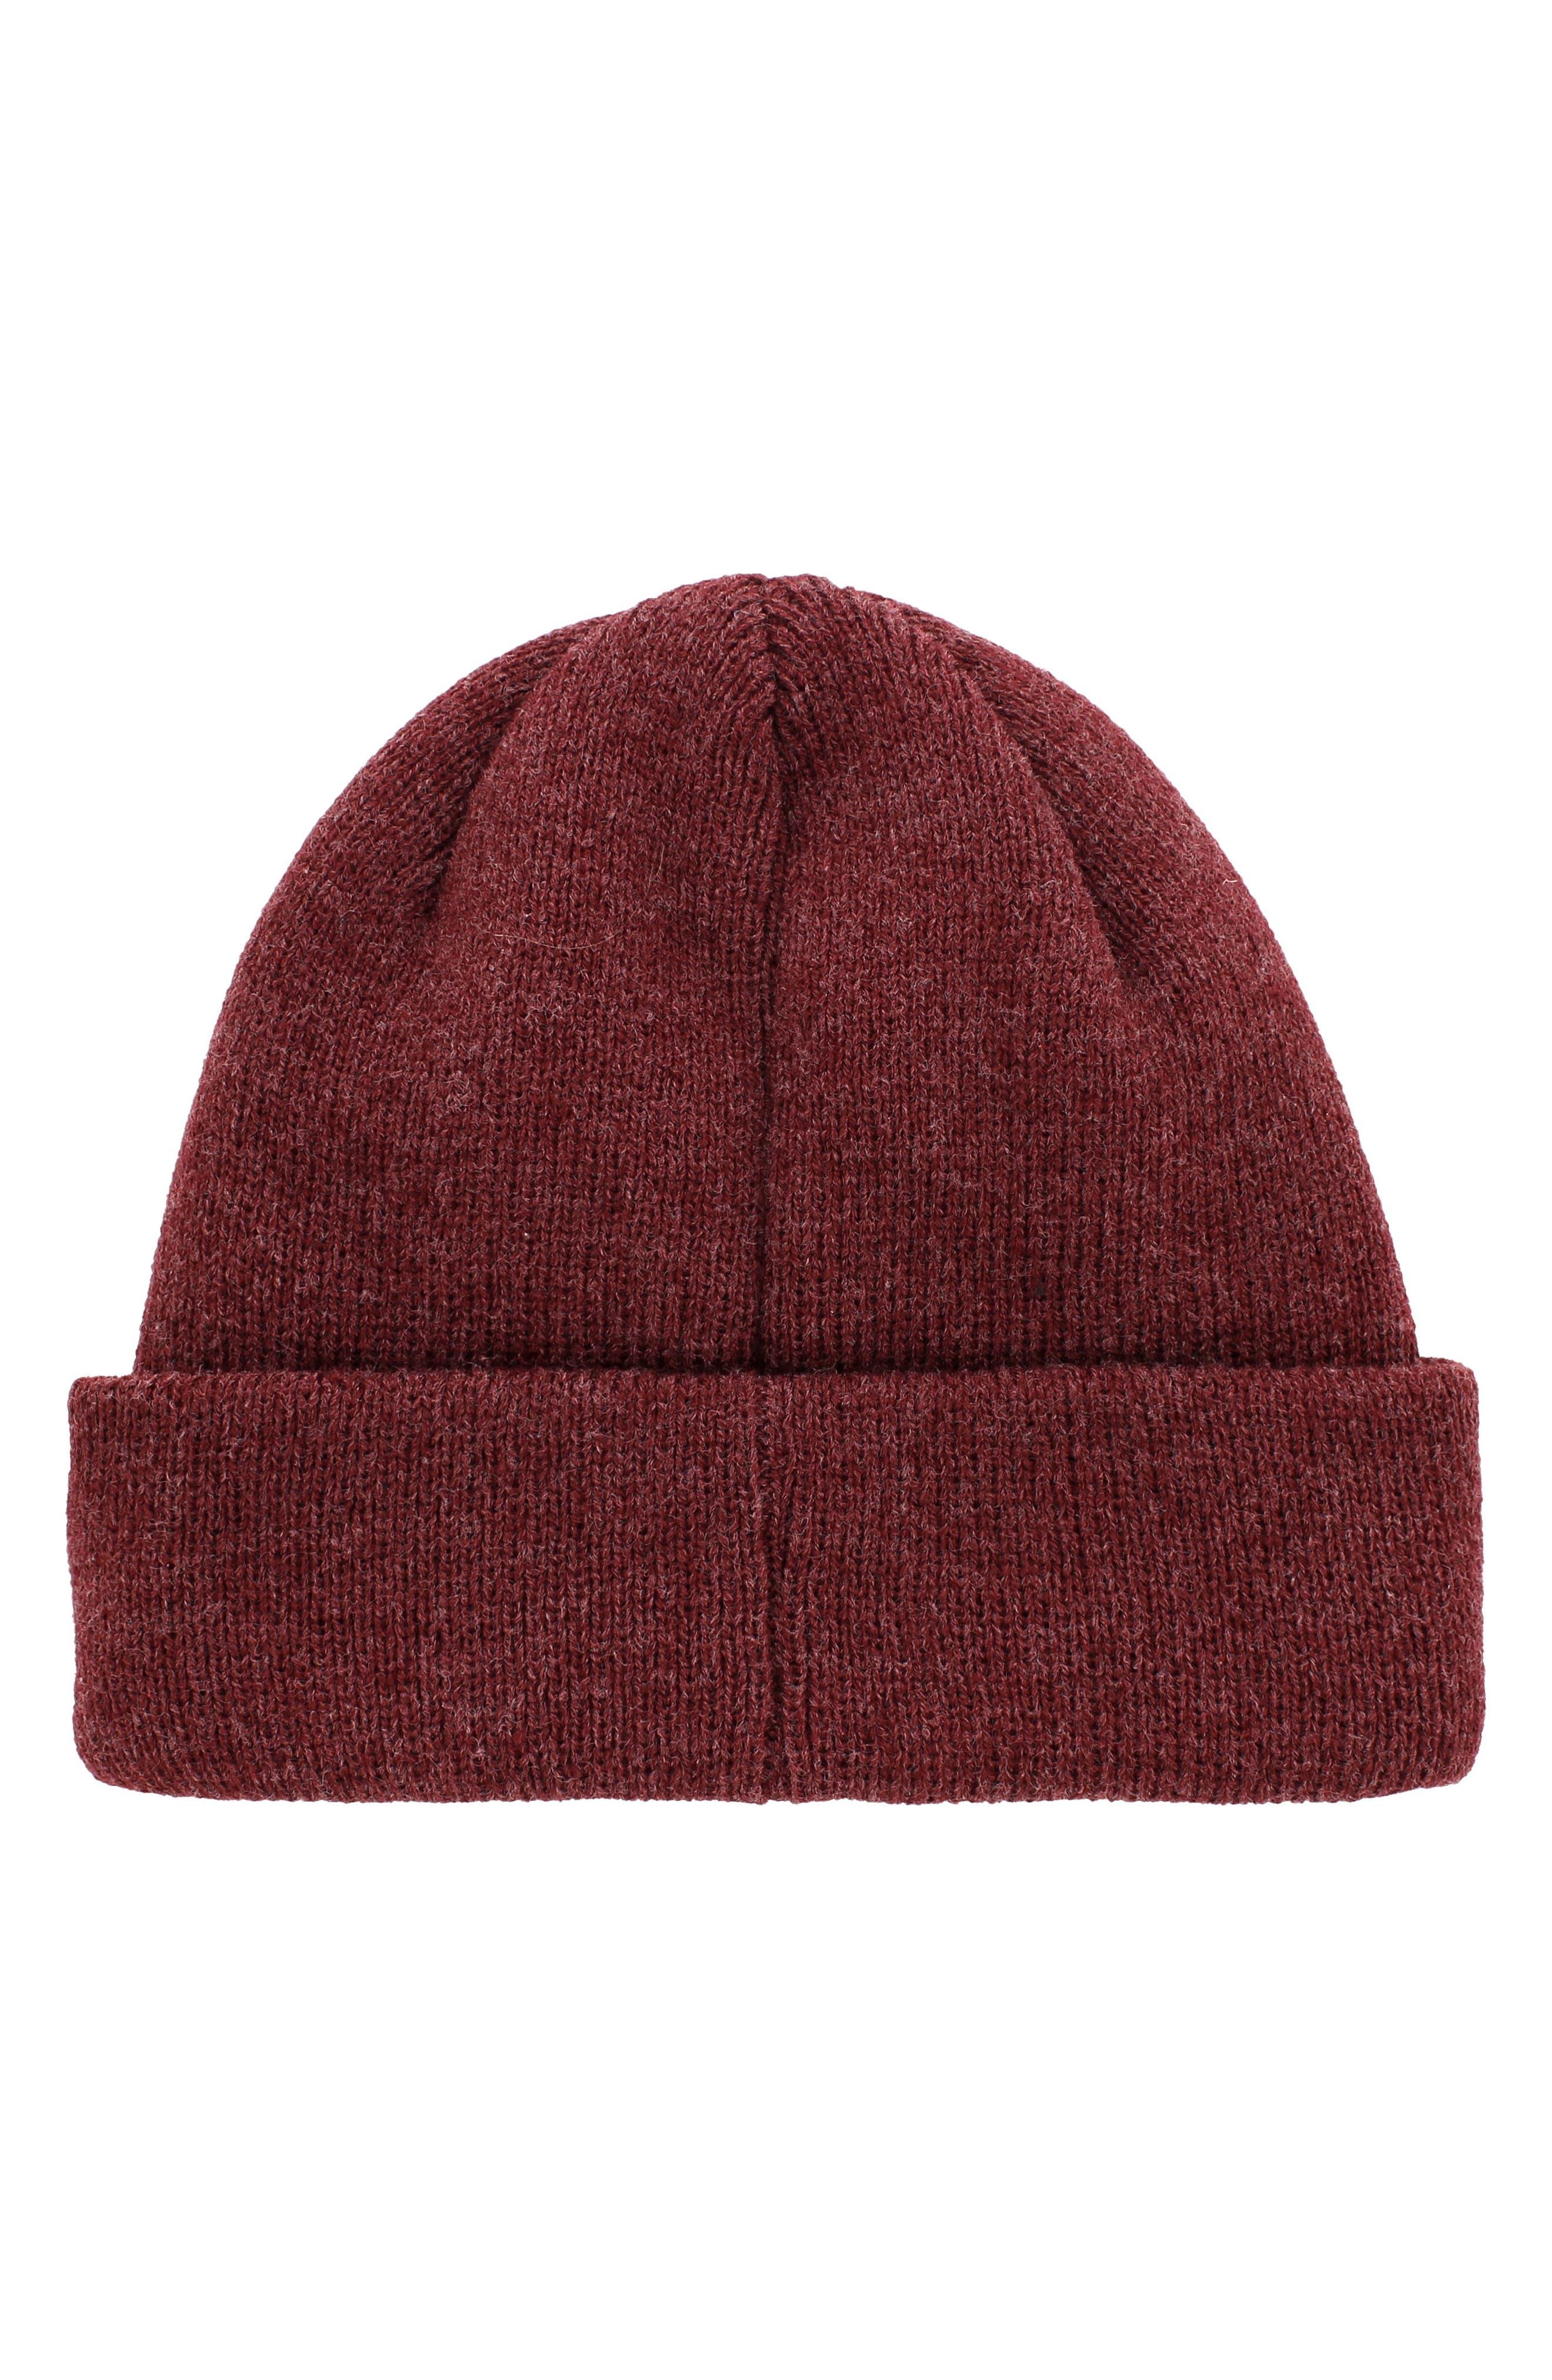 Alternate Image 2  - adidas Originals Trefoil II Knit Cap